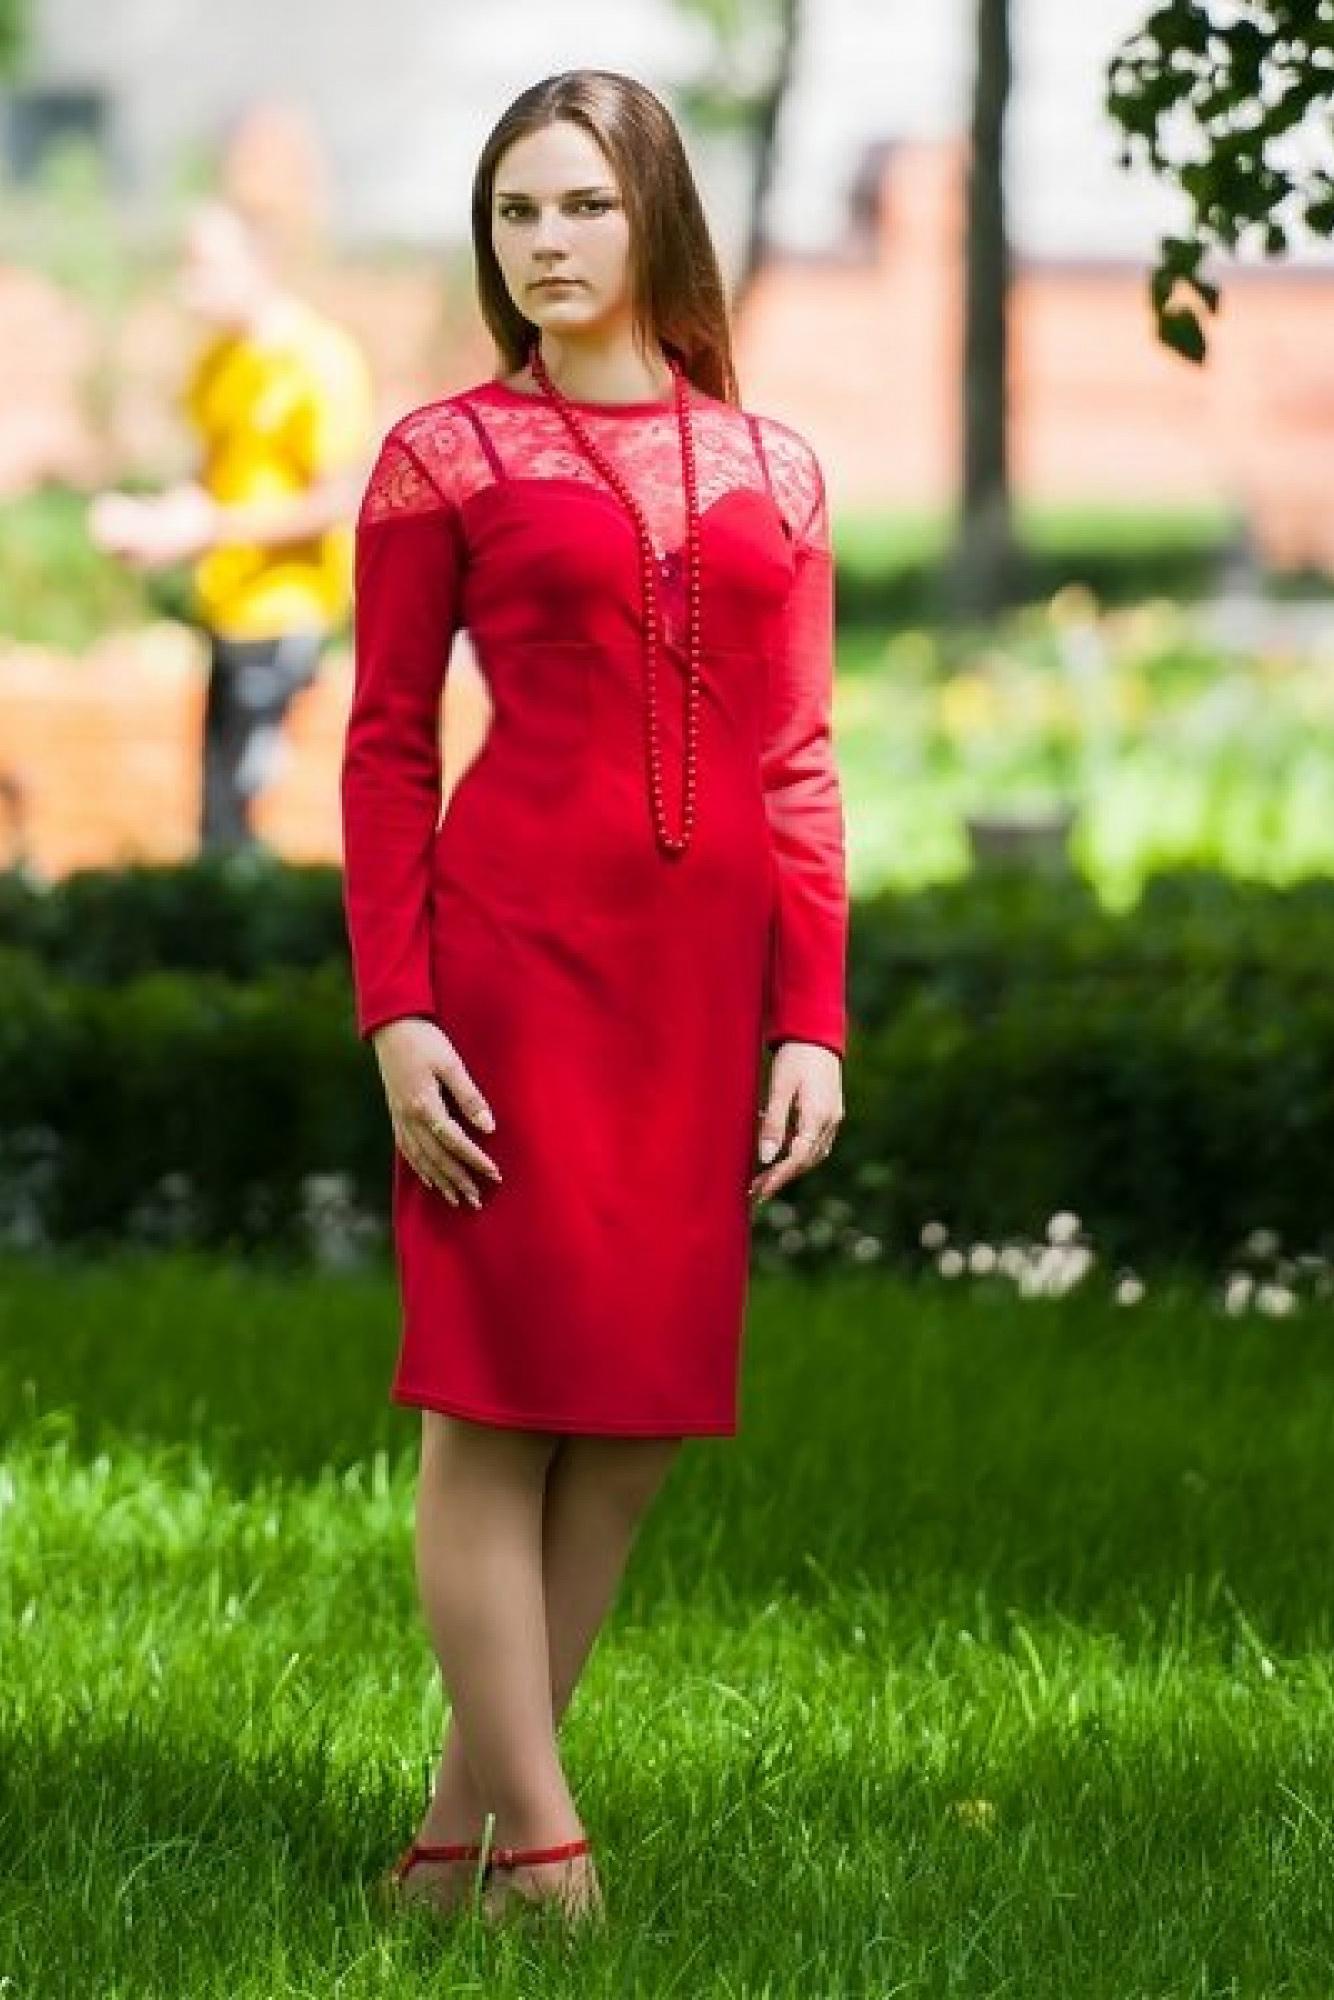 ПлатьеПлатья<br>Нарядное трикотажное платье с кружевом. Спинка, полочка и рукав поделены вставками таким образом, чтобы вся верхняя часть стана была прикрыта кружевом. Горловина на узкой трикотажной кокетке.  Бусы в комплект не входят.  Цвет: красный.  Длина изделия до 48 размера около 97 см Длина изделия от 50 размера около 102 см<br><br>Рукав: Длинный рукав<br>Горловина: С- горловина<br>Длина: До колена<br>Материал: Гипюр,Трикотаж<br>Рисунок: Однотонные<br>Сезон: Весна,Зима,Осень,Всесезон,Лето<br>Силуэт: Приталенные<br>Стиль: Нарядный стиль<br>Форма: Платье - футляр<br>Элементы: С декором<br>Размер : 46,48,50,54<br>Материал: Трикотаж + Гипюр<br>Количество в наличии: 4